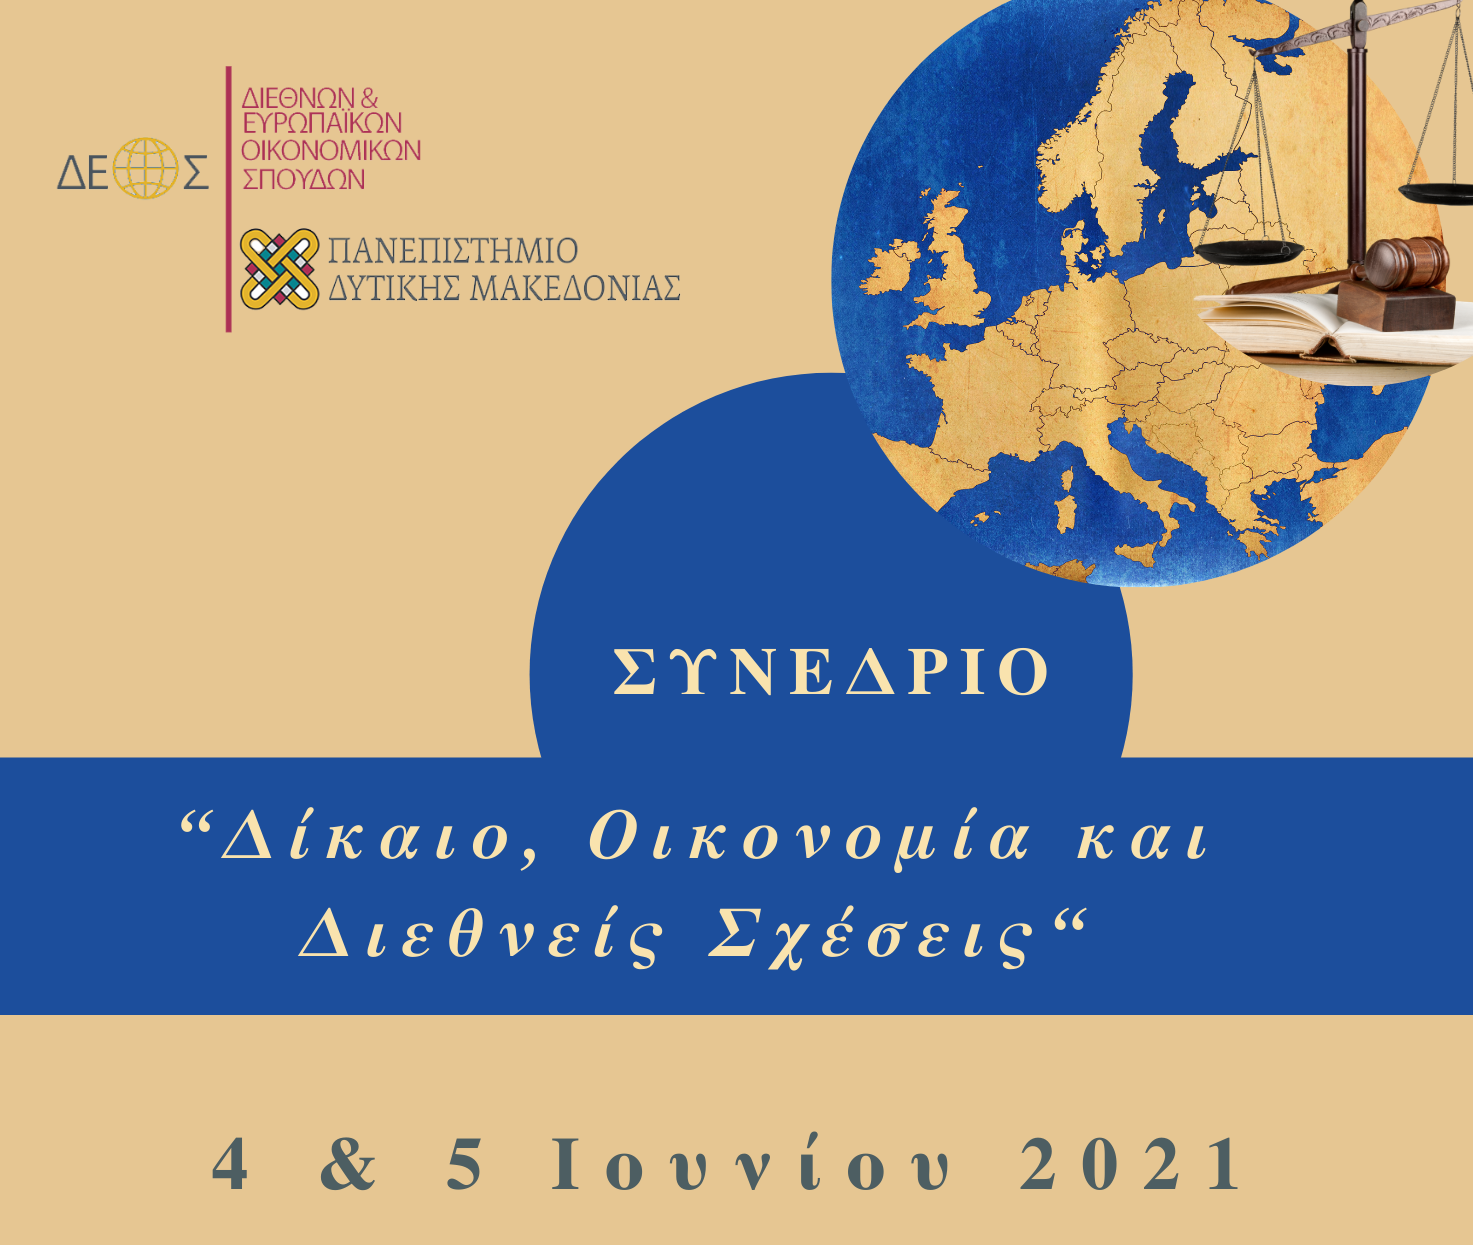 1ο Πανελλήνιο Συνέδριο με θέμα «Δίκαιο, Οικονομία και Διεθνείς Σχέσεις»